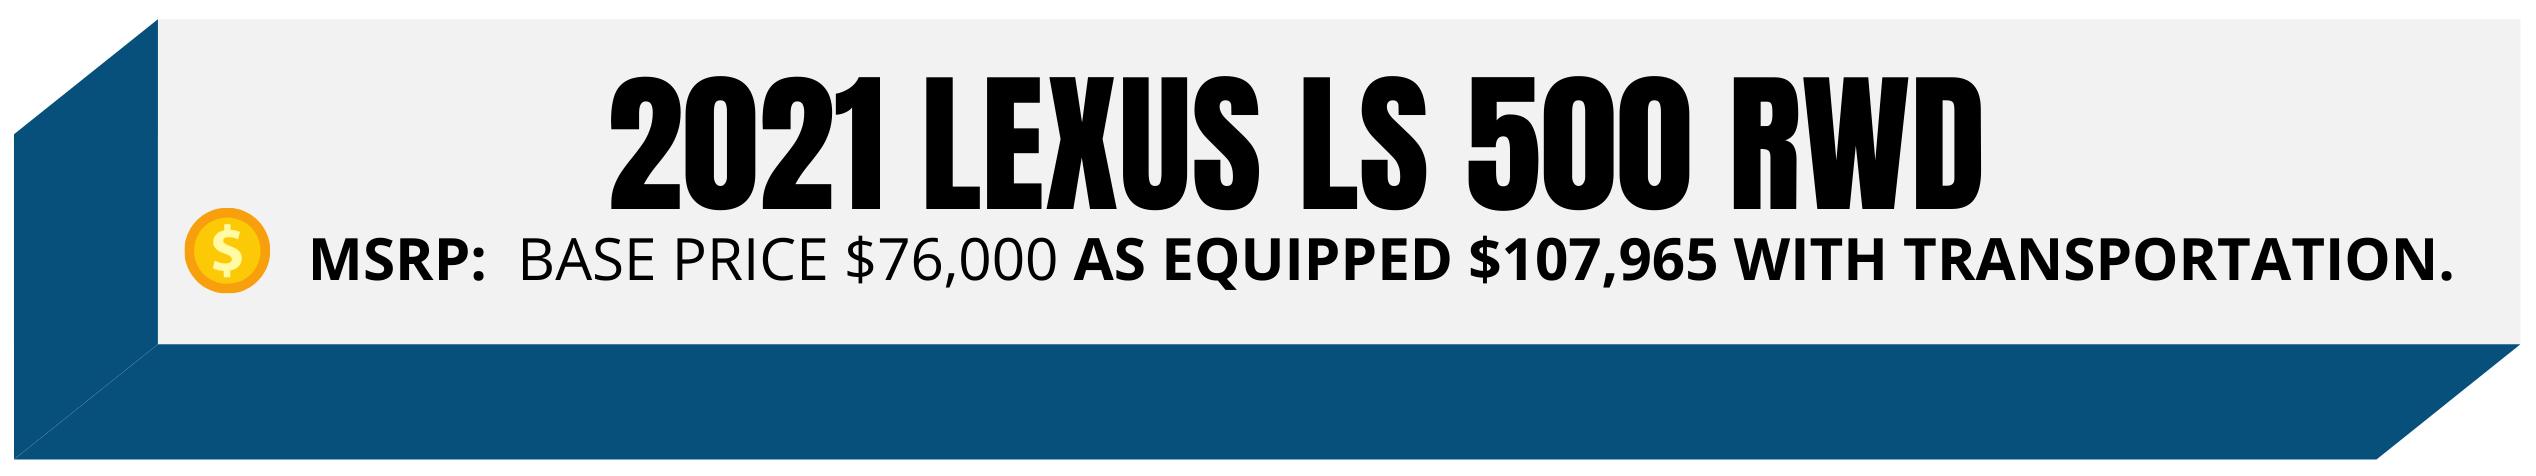 lexus-ls-500 graphic